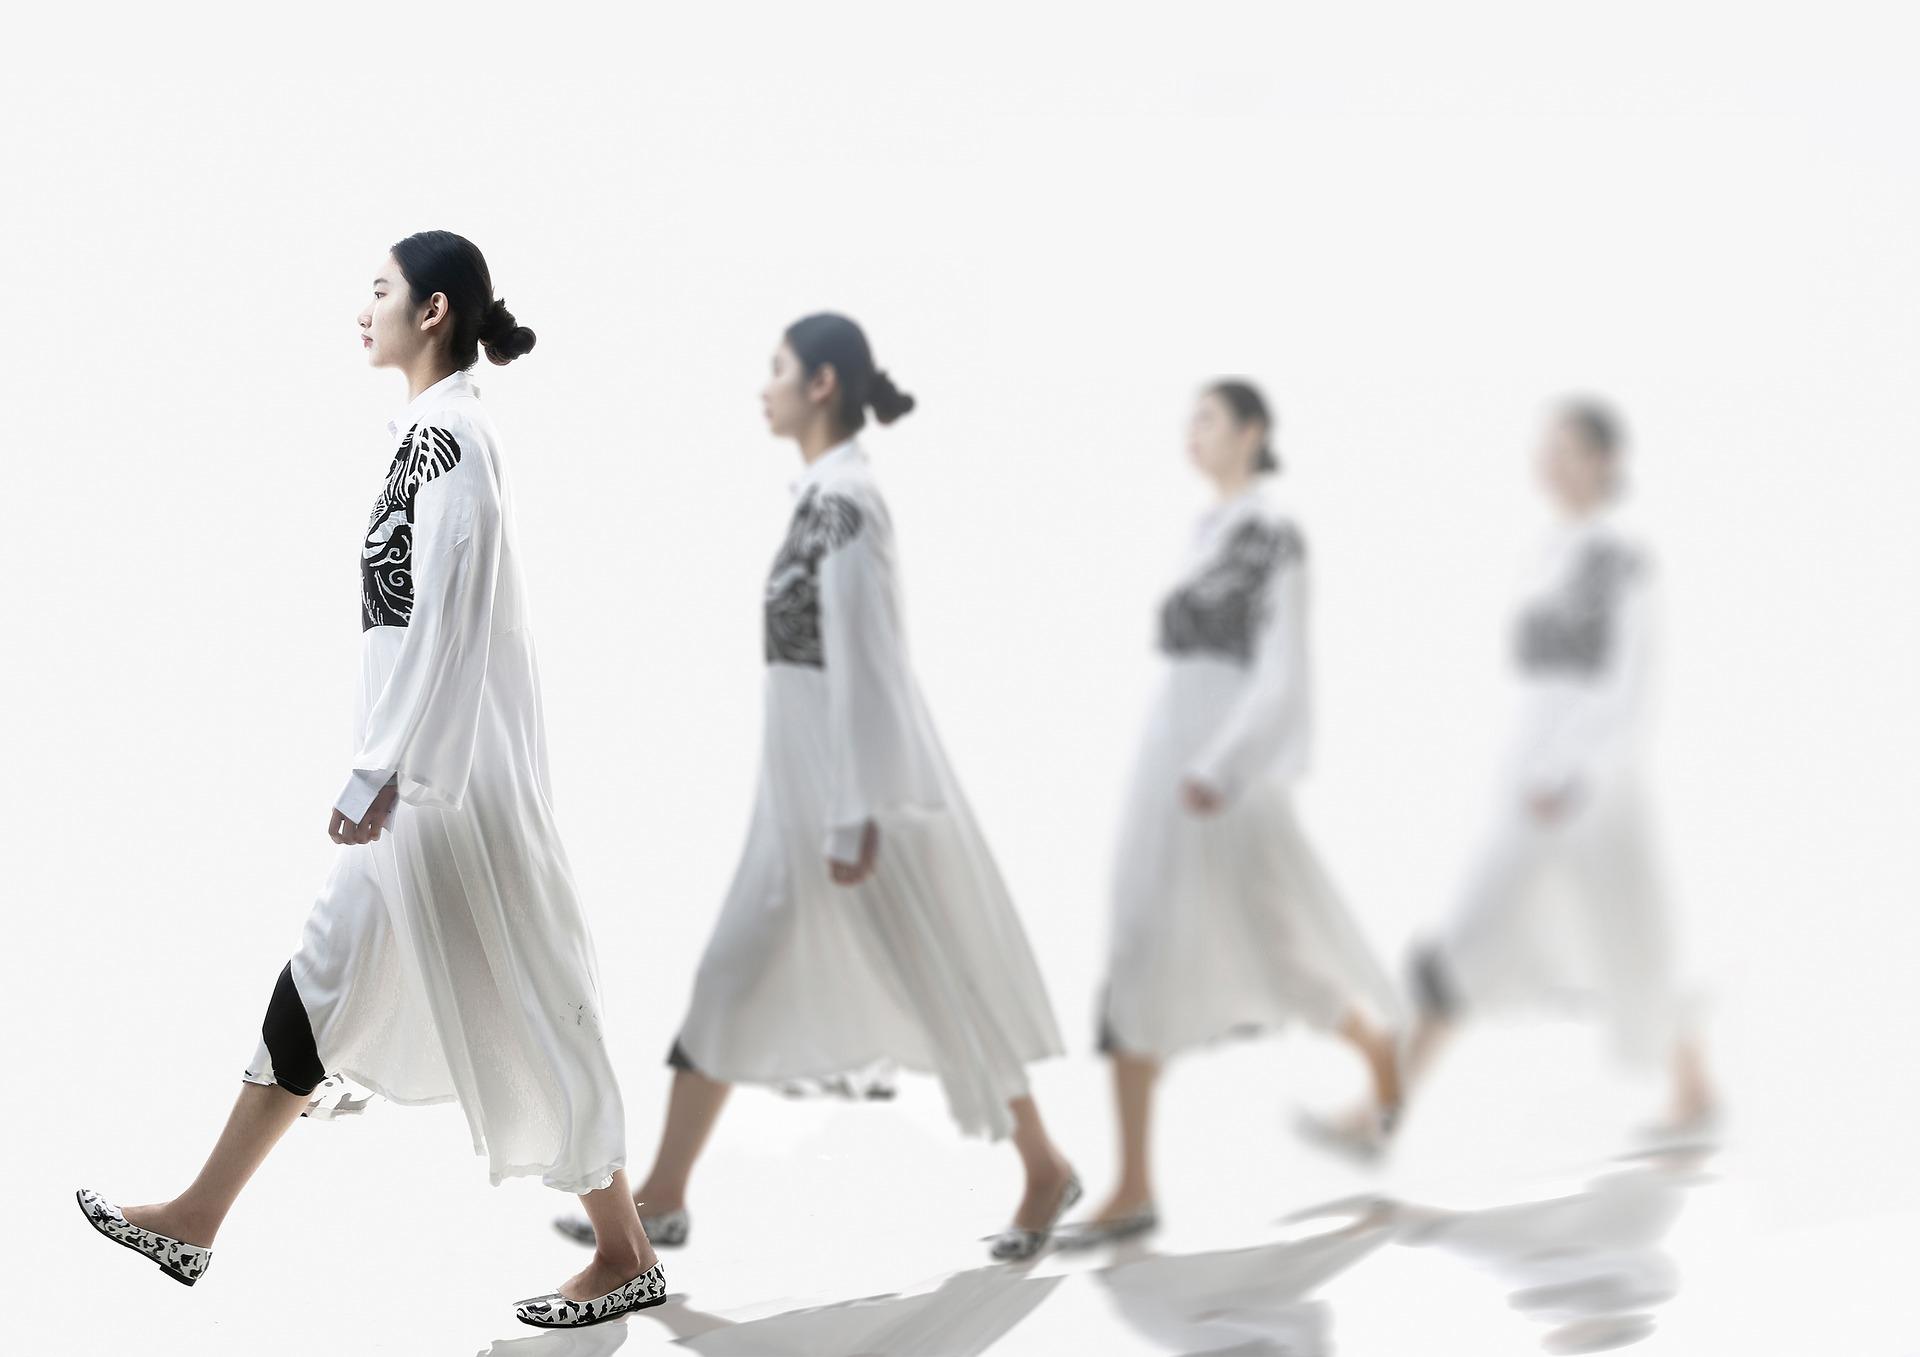 女性の歩く姿